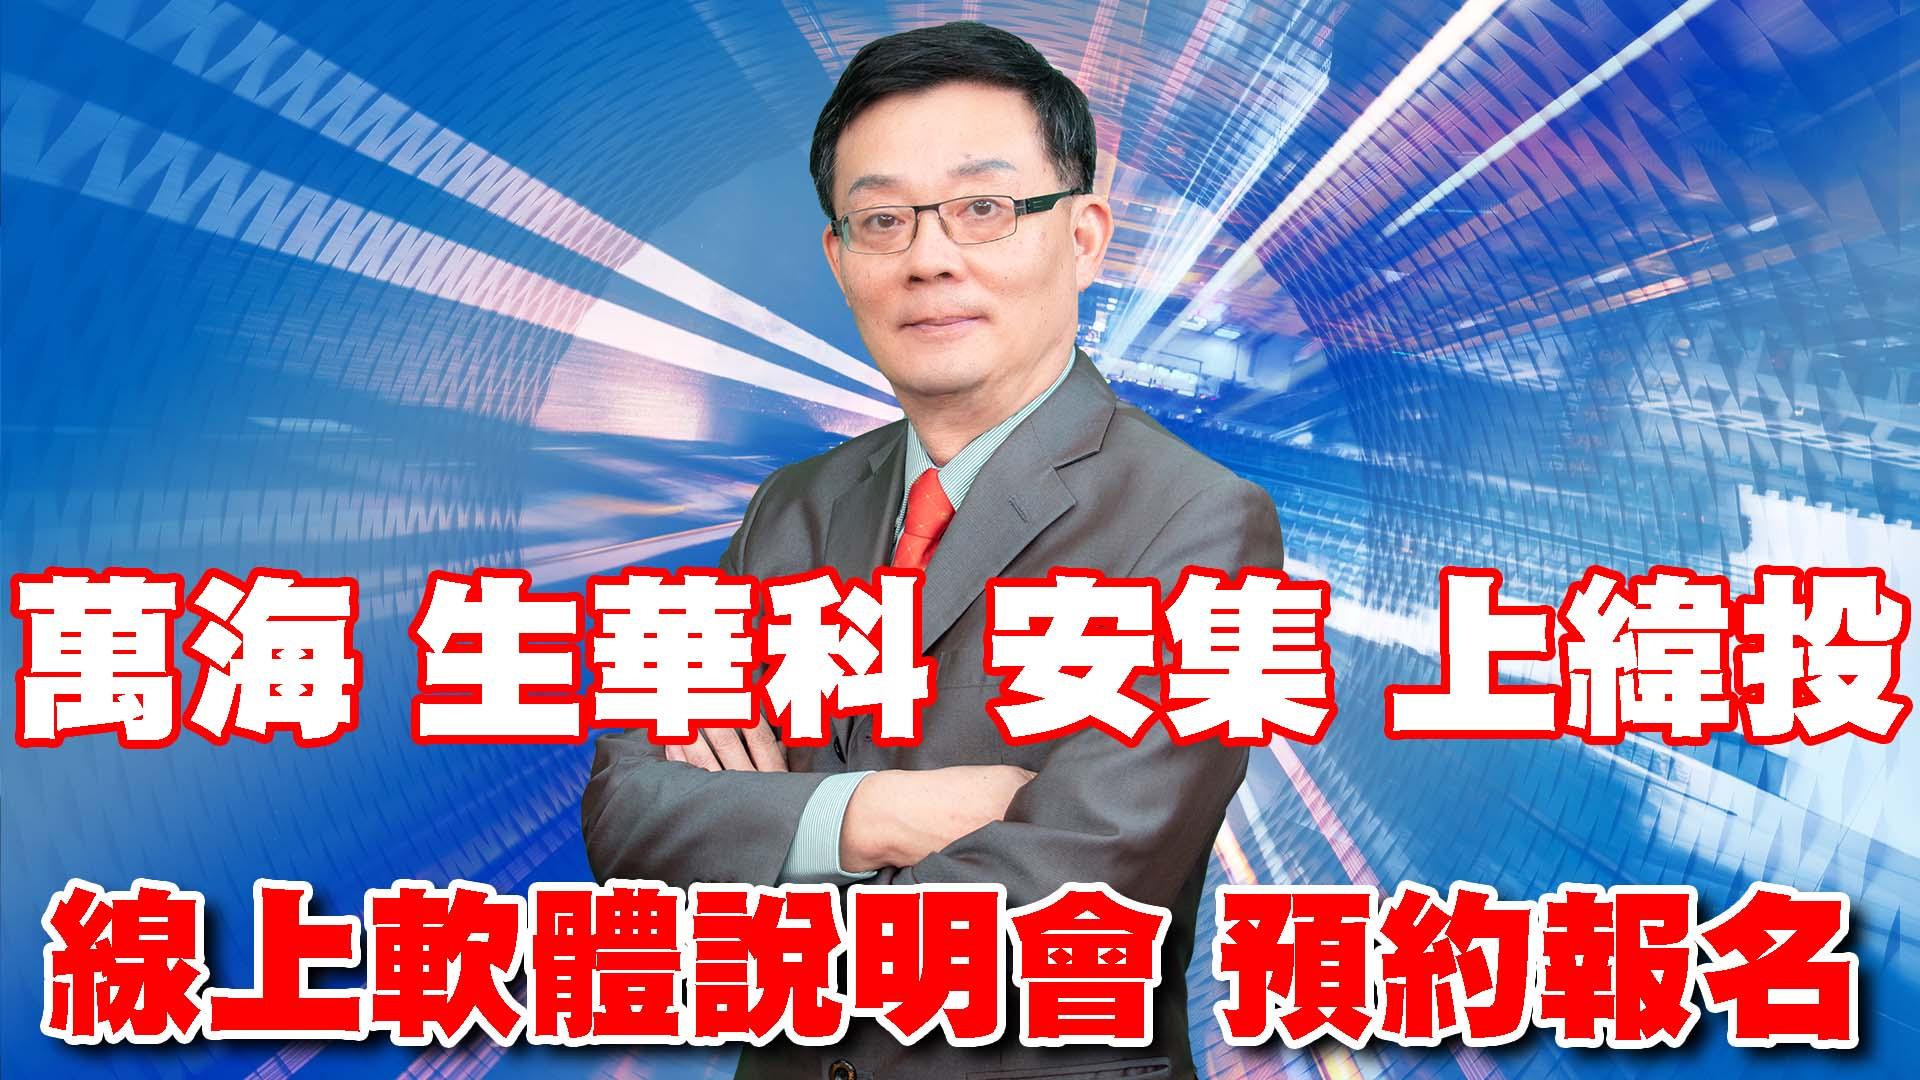 1014_萬海 生華科 安集 上緯投 線上軟體說明會 預約報名